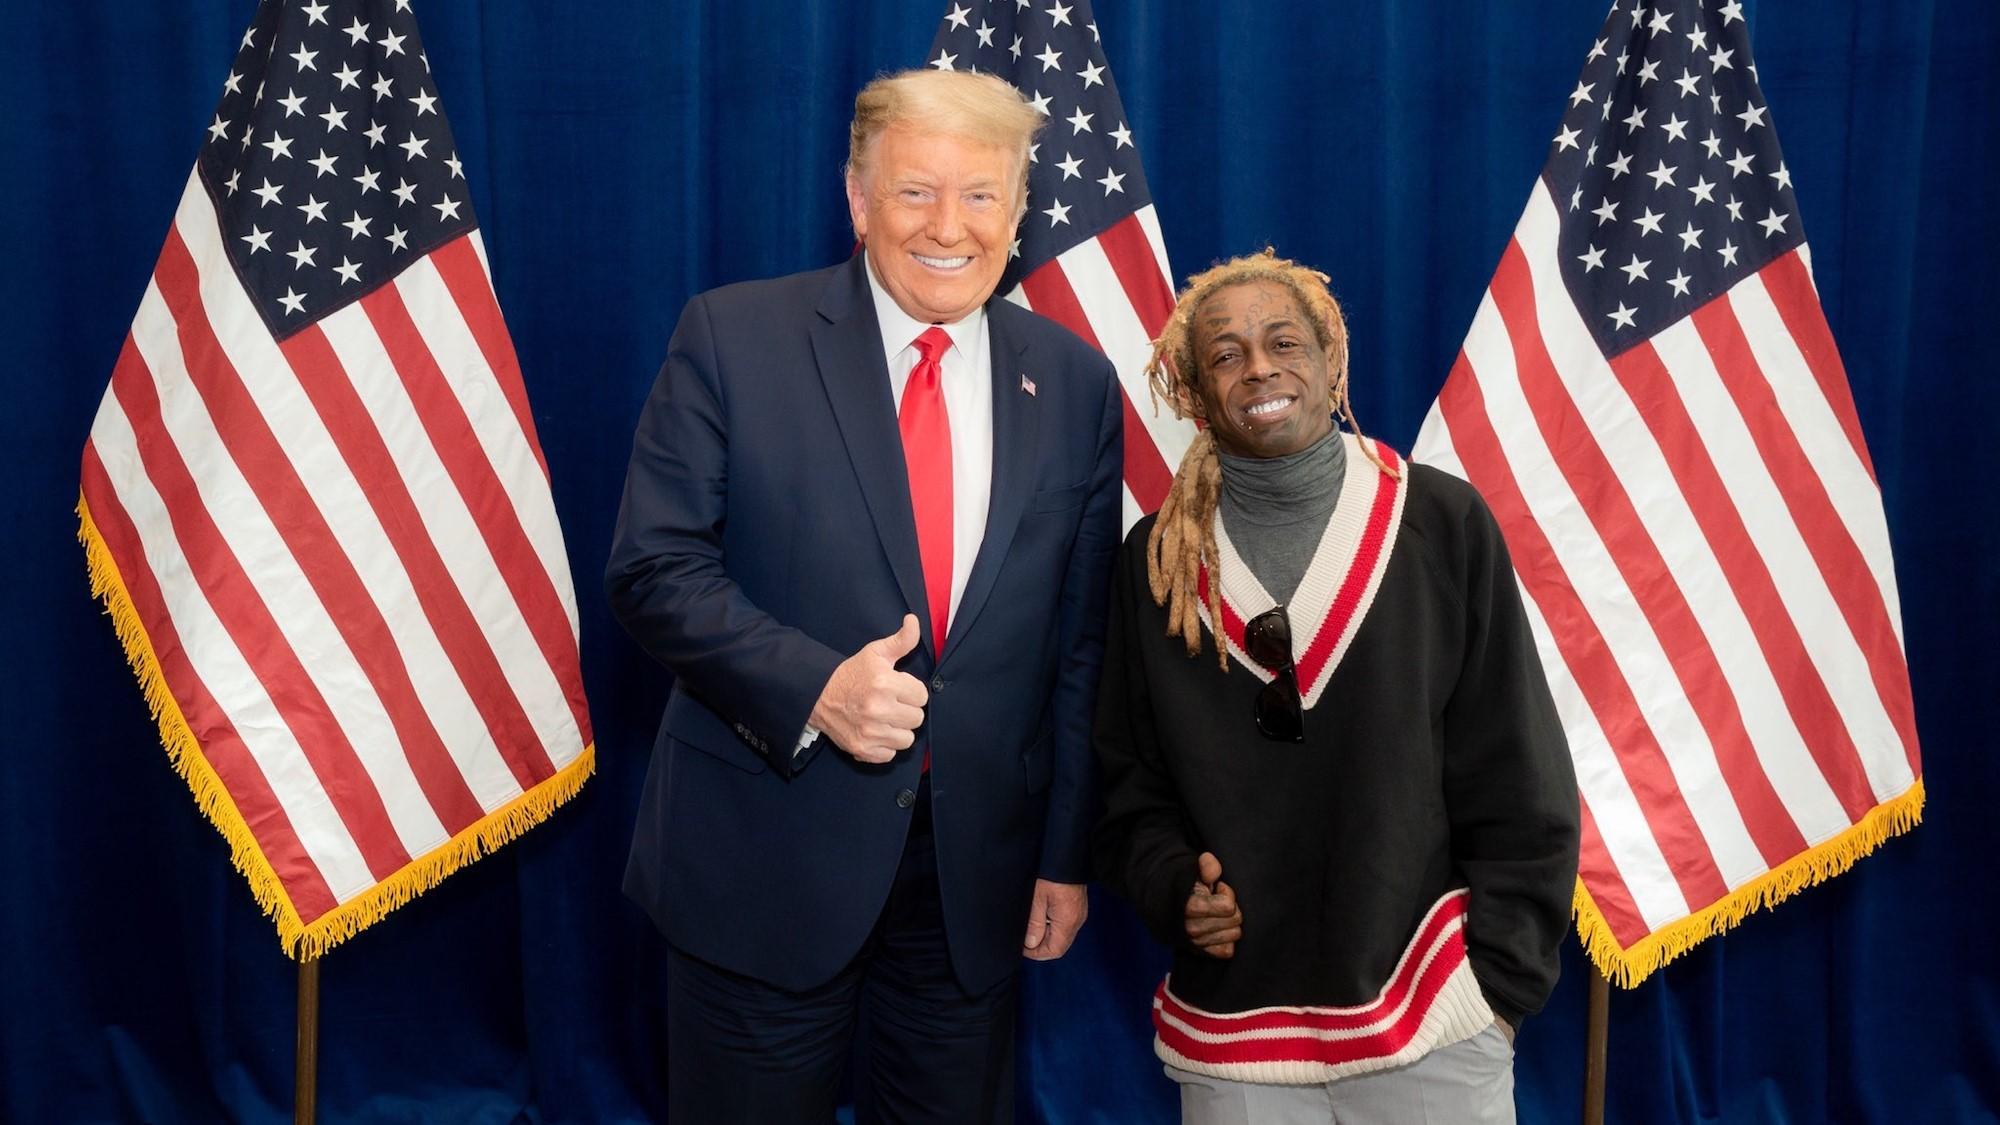 Letzte Amtshandlung: Begnadigt Donald Trump Rapper? | 16BARS